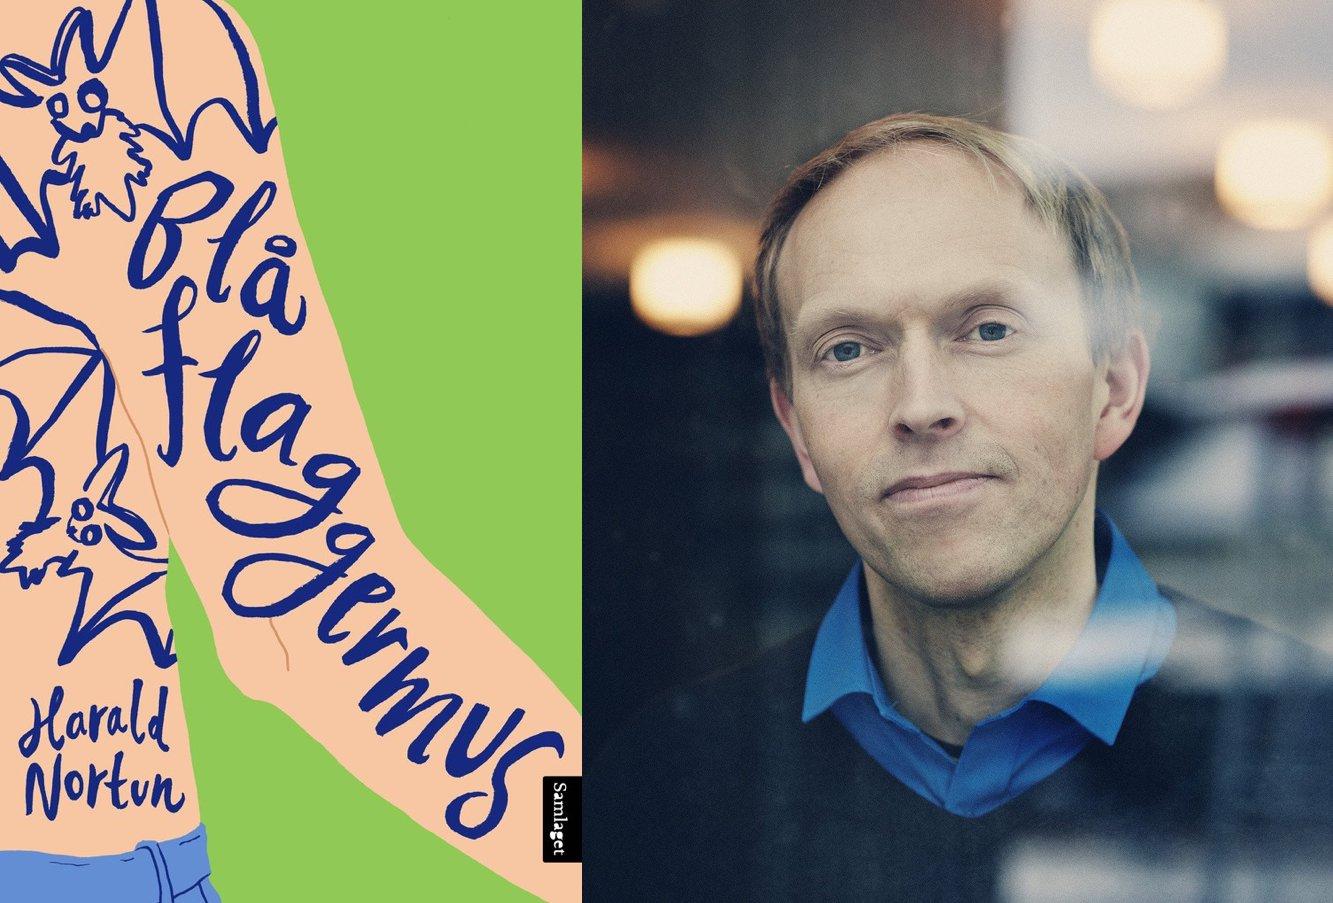 Omslag for boka «Blå flaggermus» av Harald Nortun: – Morosam, rå, gripande og enormt godt skriven